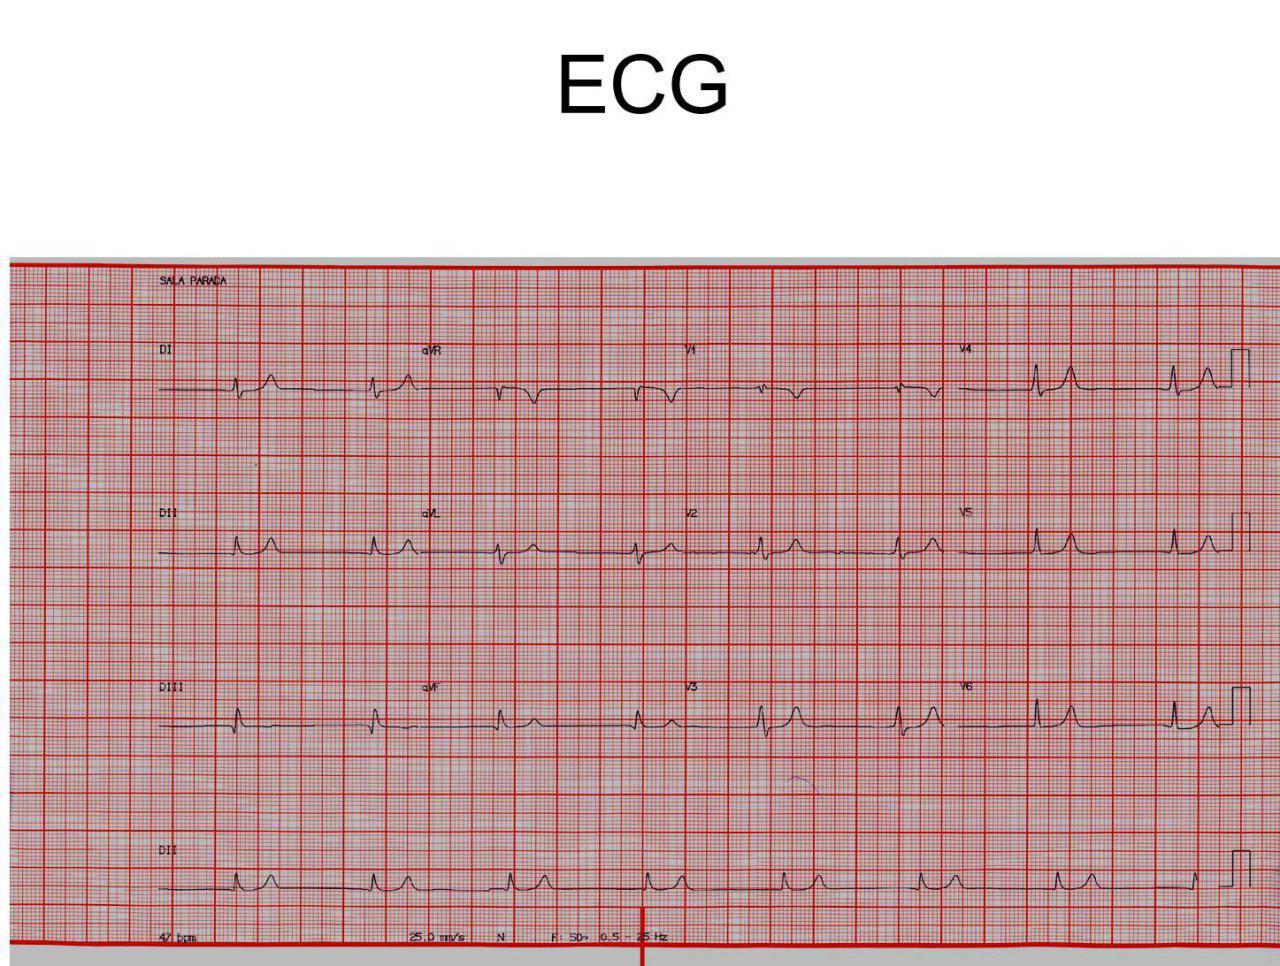 Paciente de 85 años, hipertenso, diabético y con insuficiencia renal con disnea progresiva que presenta severa hiperkalemia de 7,7 mEq/l